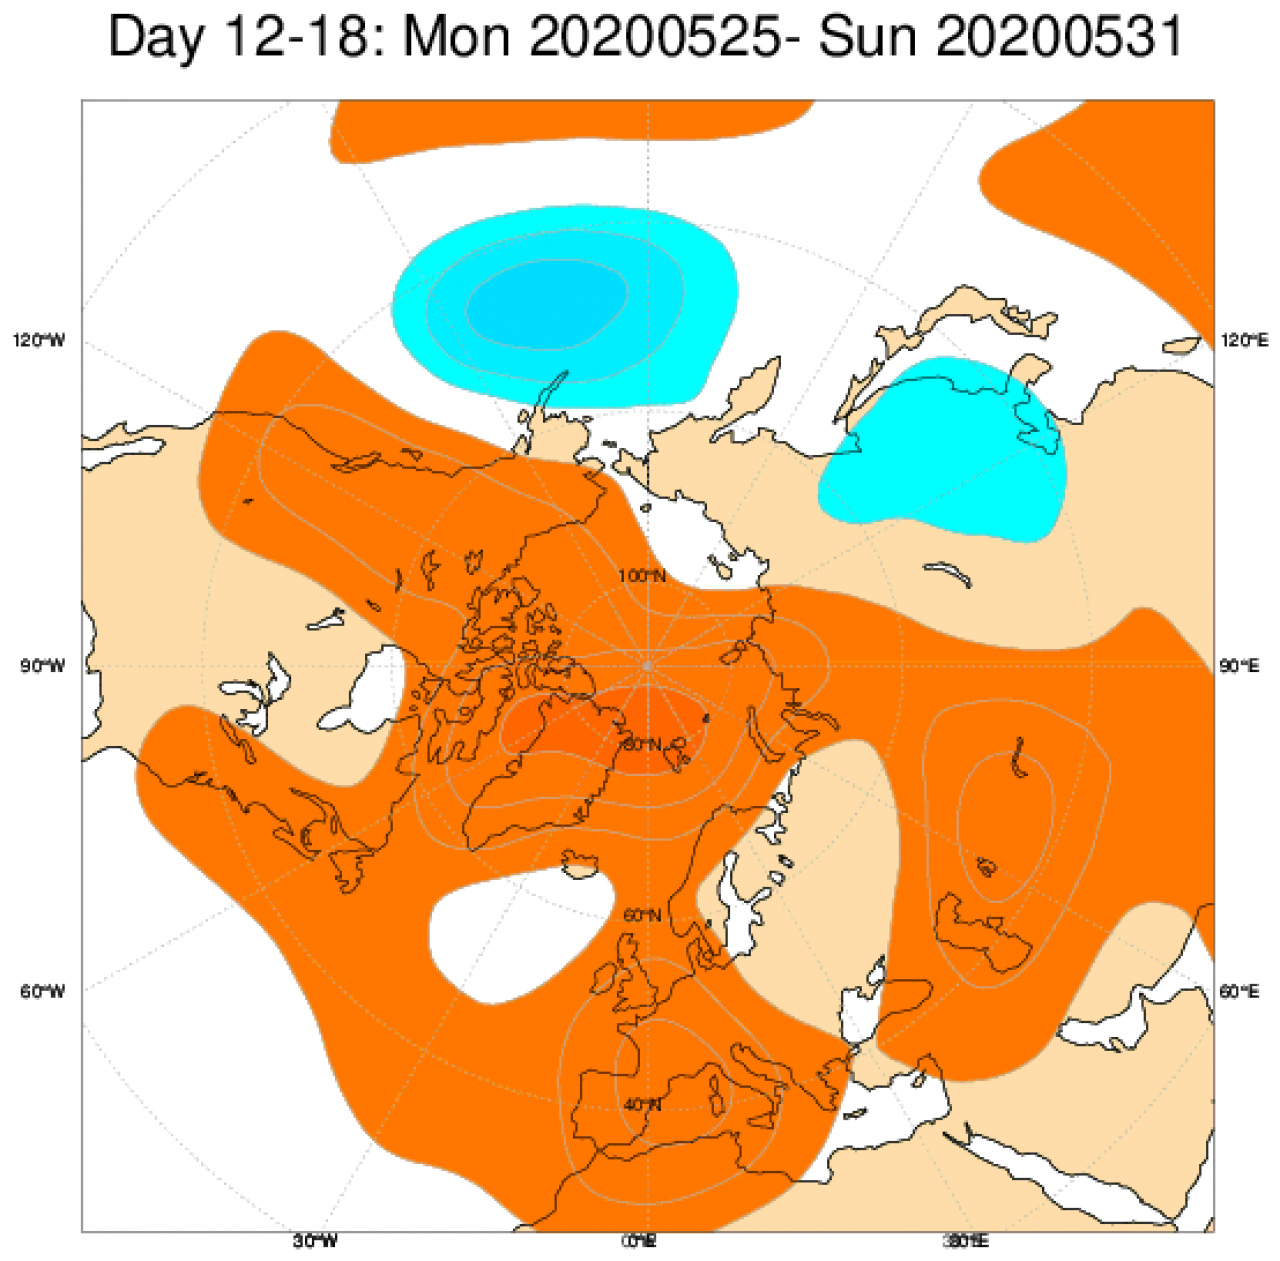 Media di ensemble del modello inglese ECMWF relativa all'anomalia di Altezza di Geopotenziale a 500 hPa (circa 5.500 metri) per il periodo 25-31 maggio 2020